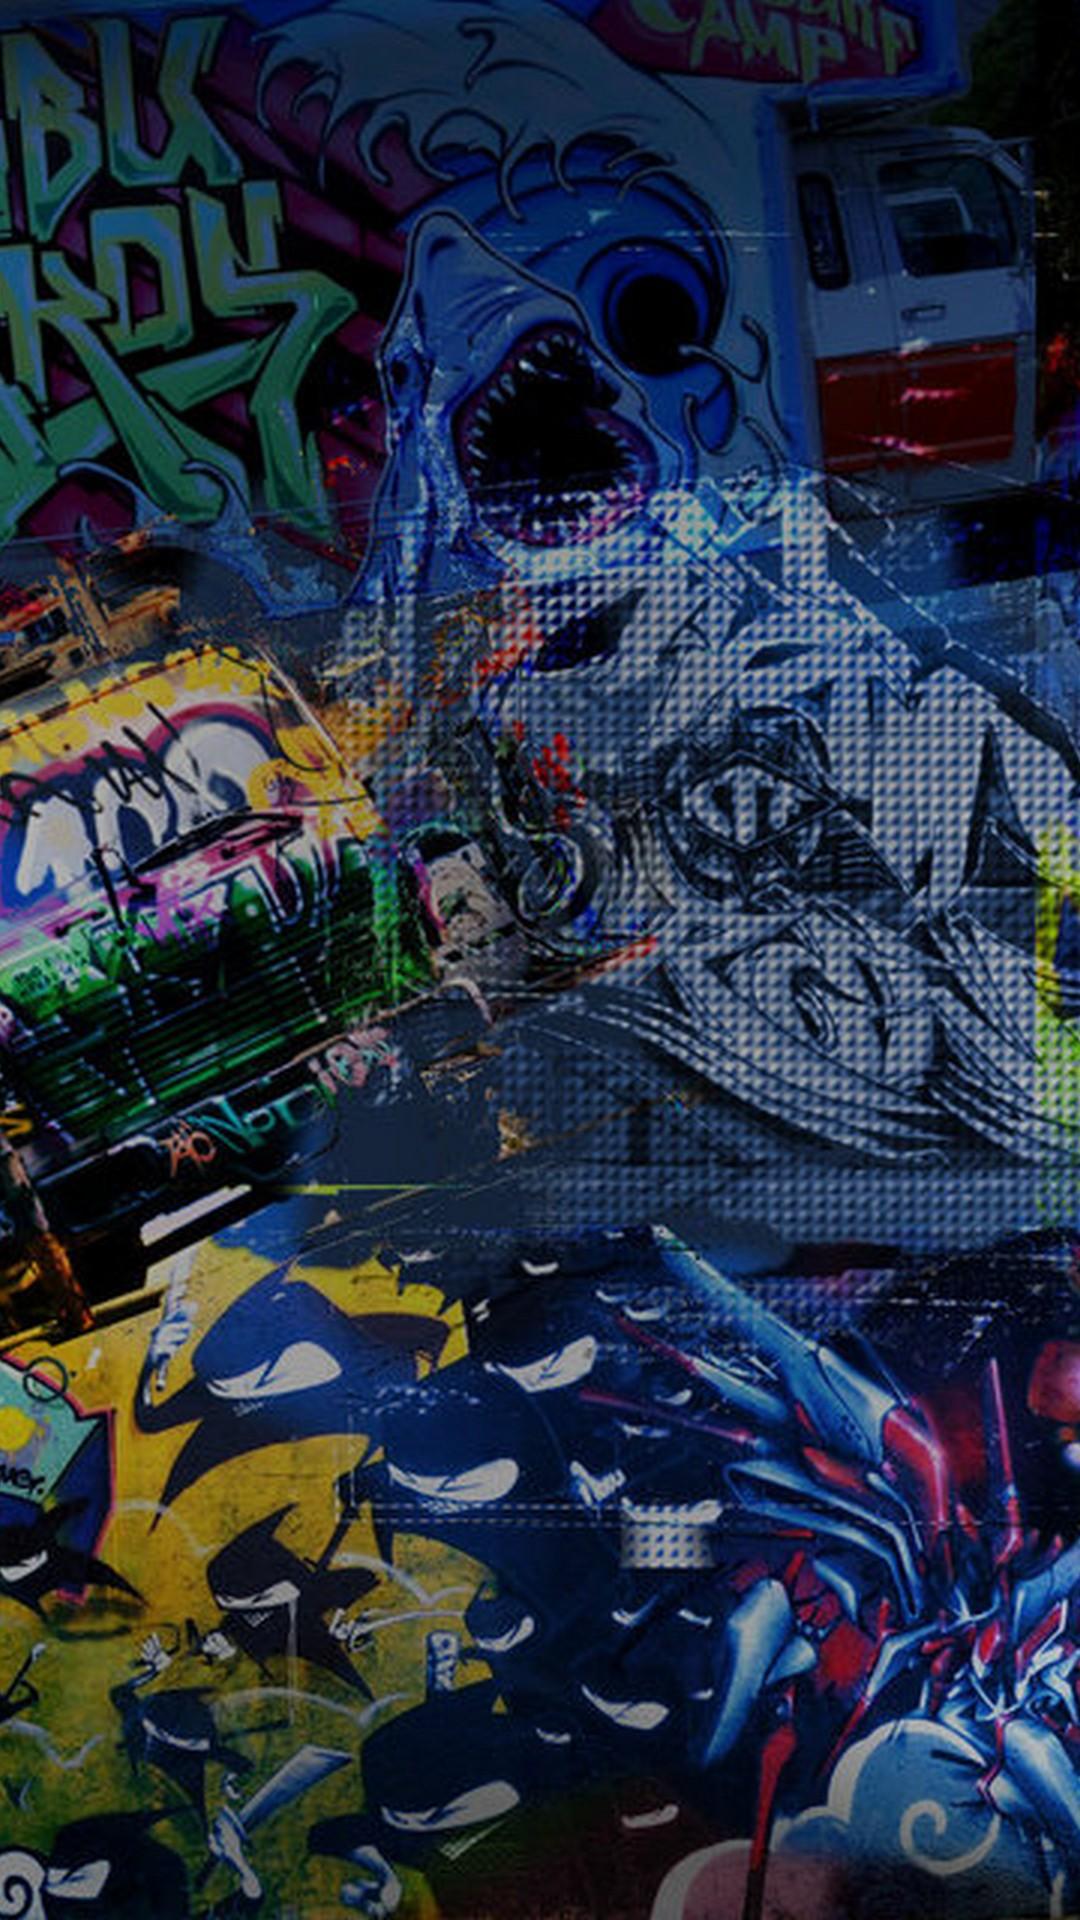 Graffiti Tag Wall Art Work